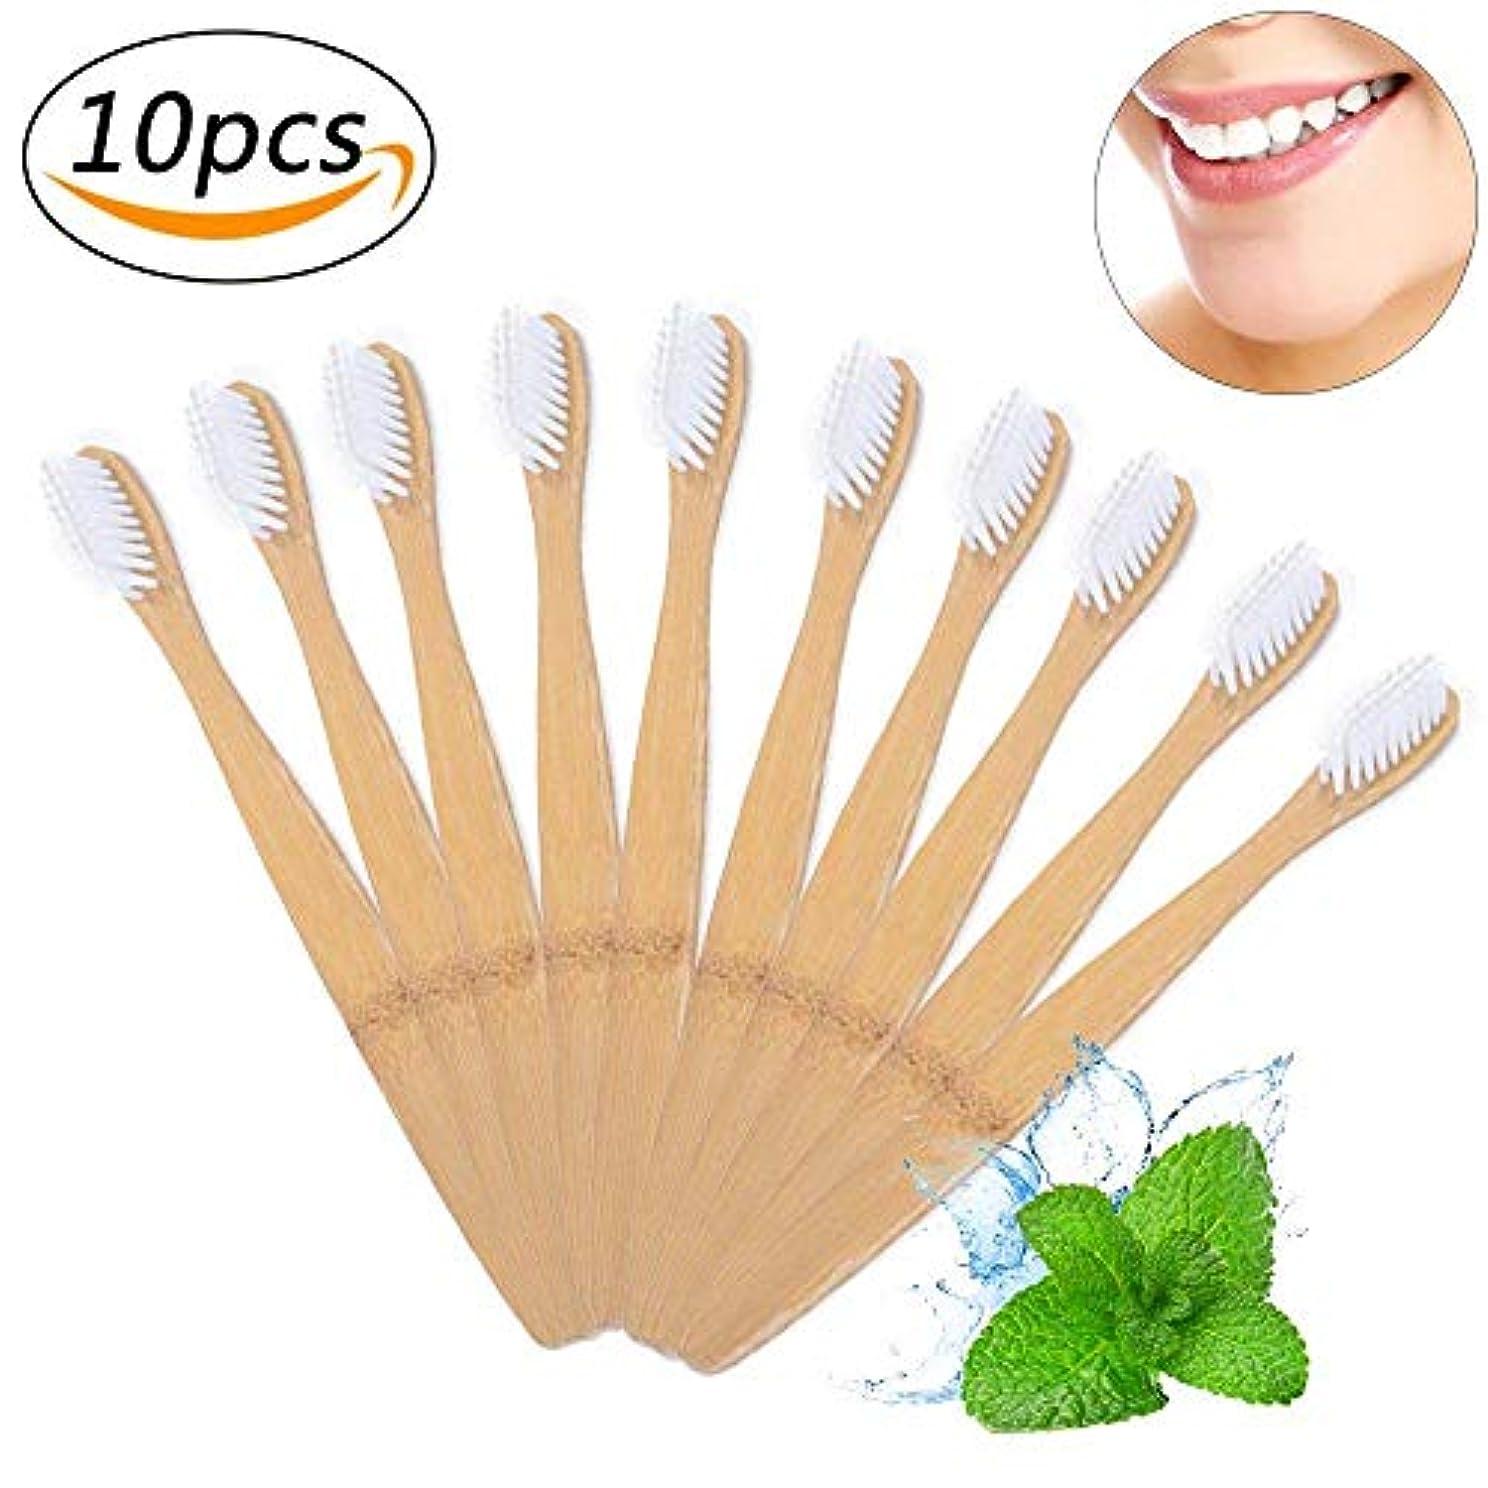 オペラおしゃれなサービス竹の歯ブラシ 環境保護の歯ブラシ 柔らかいブラシ 分解性 耐久性 ホワイト 10本入